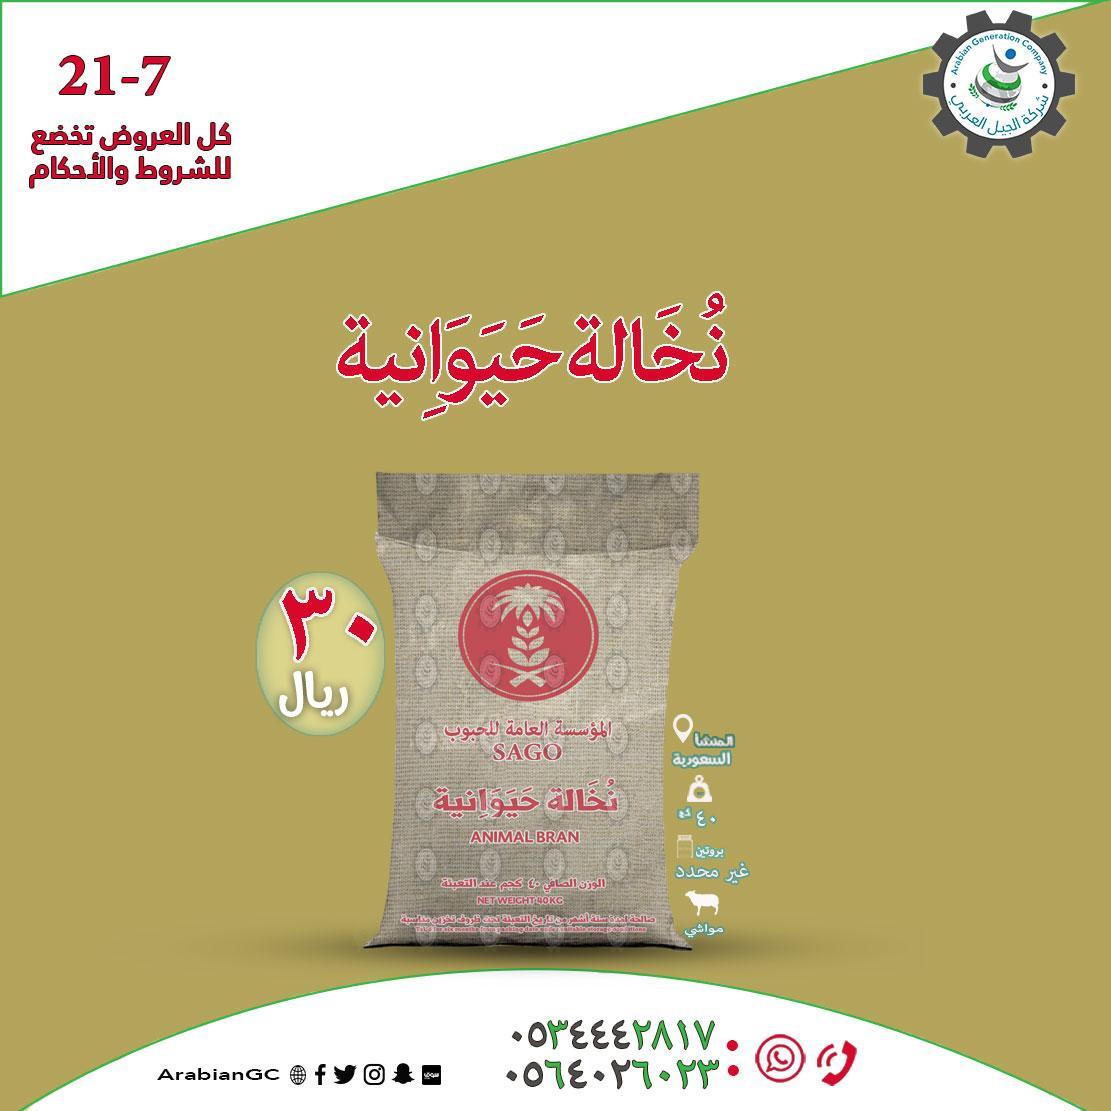 لمربي الماشية شركة الجيل العربي d.php?hash=V7RSWTBHO